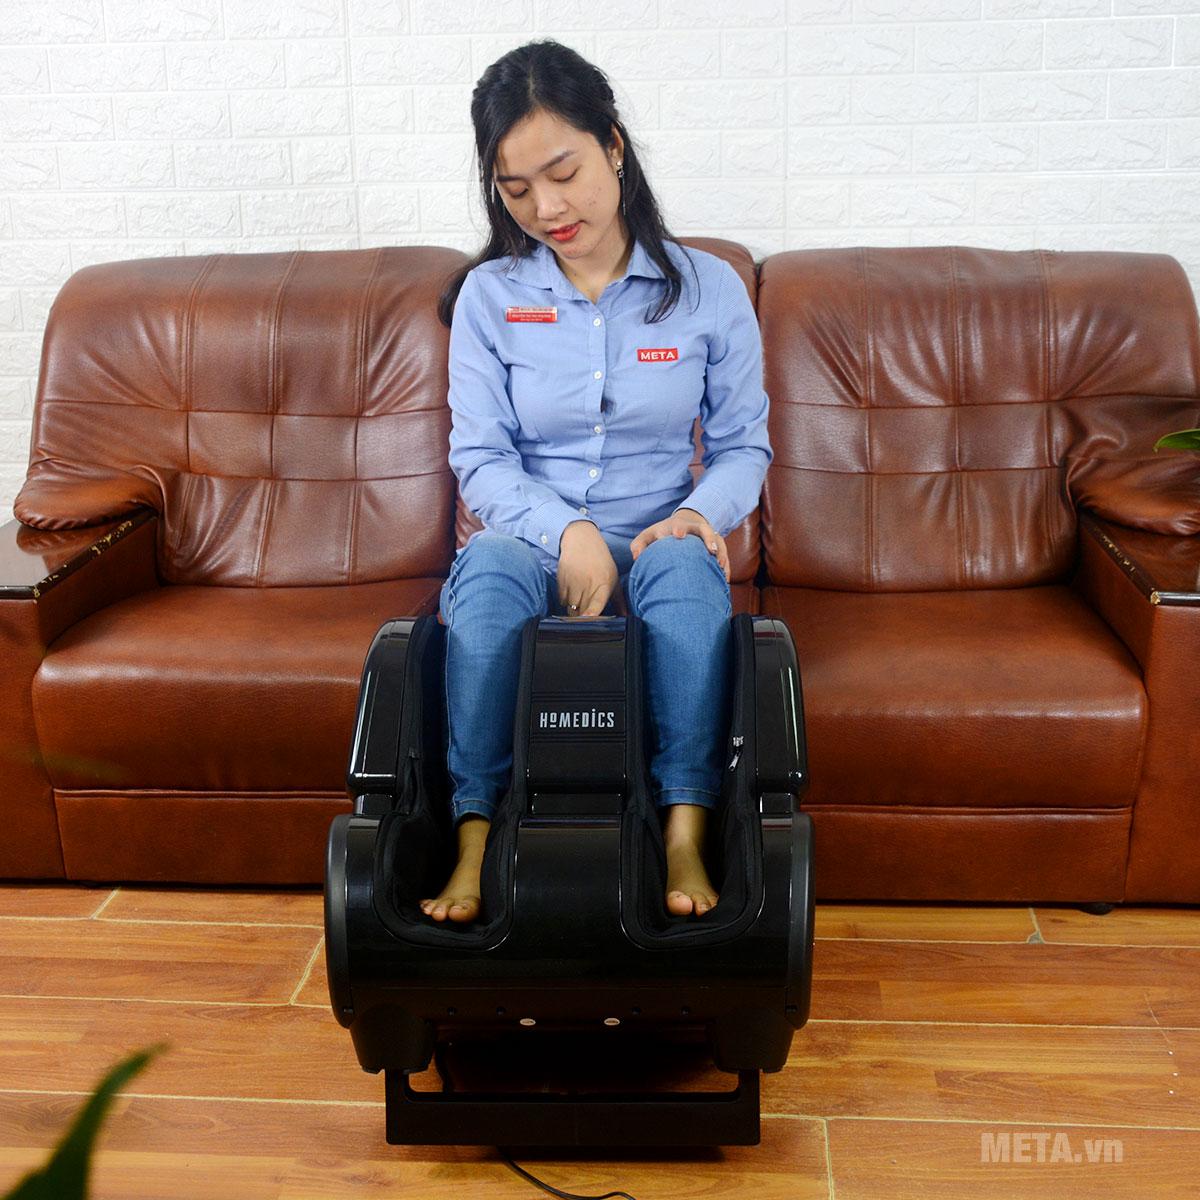 Máy massage giúp thư giãn từ bàn chân đến bắp chân